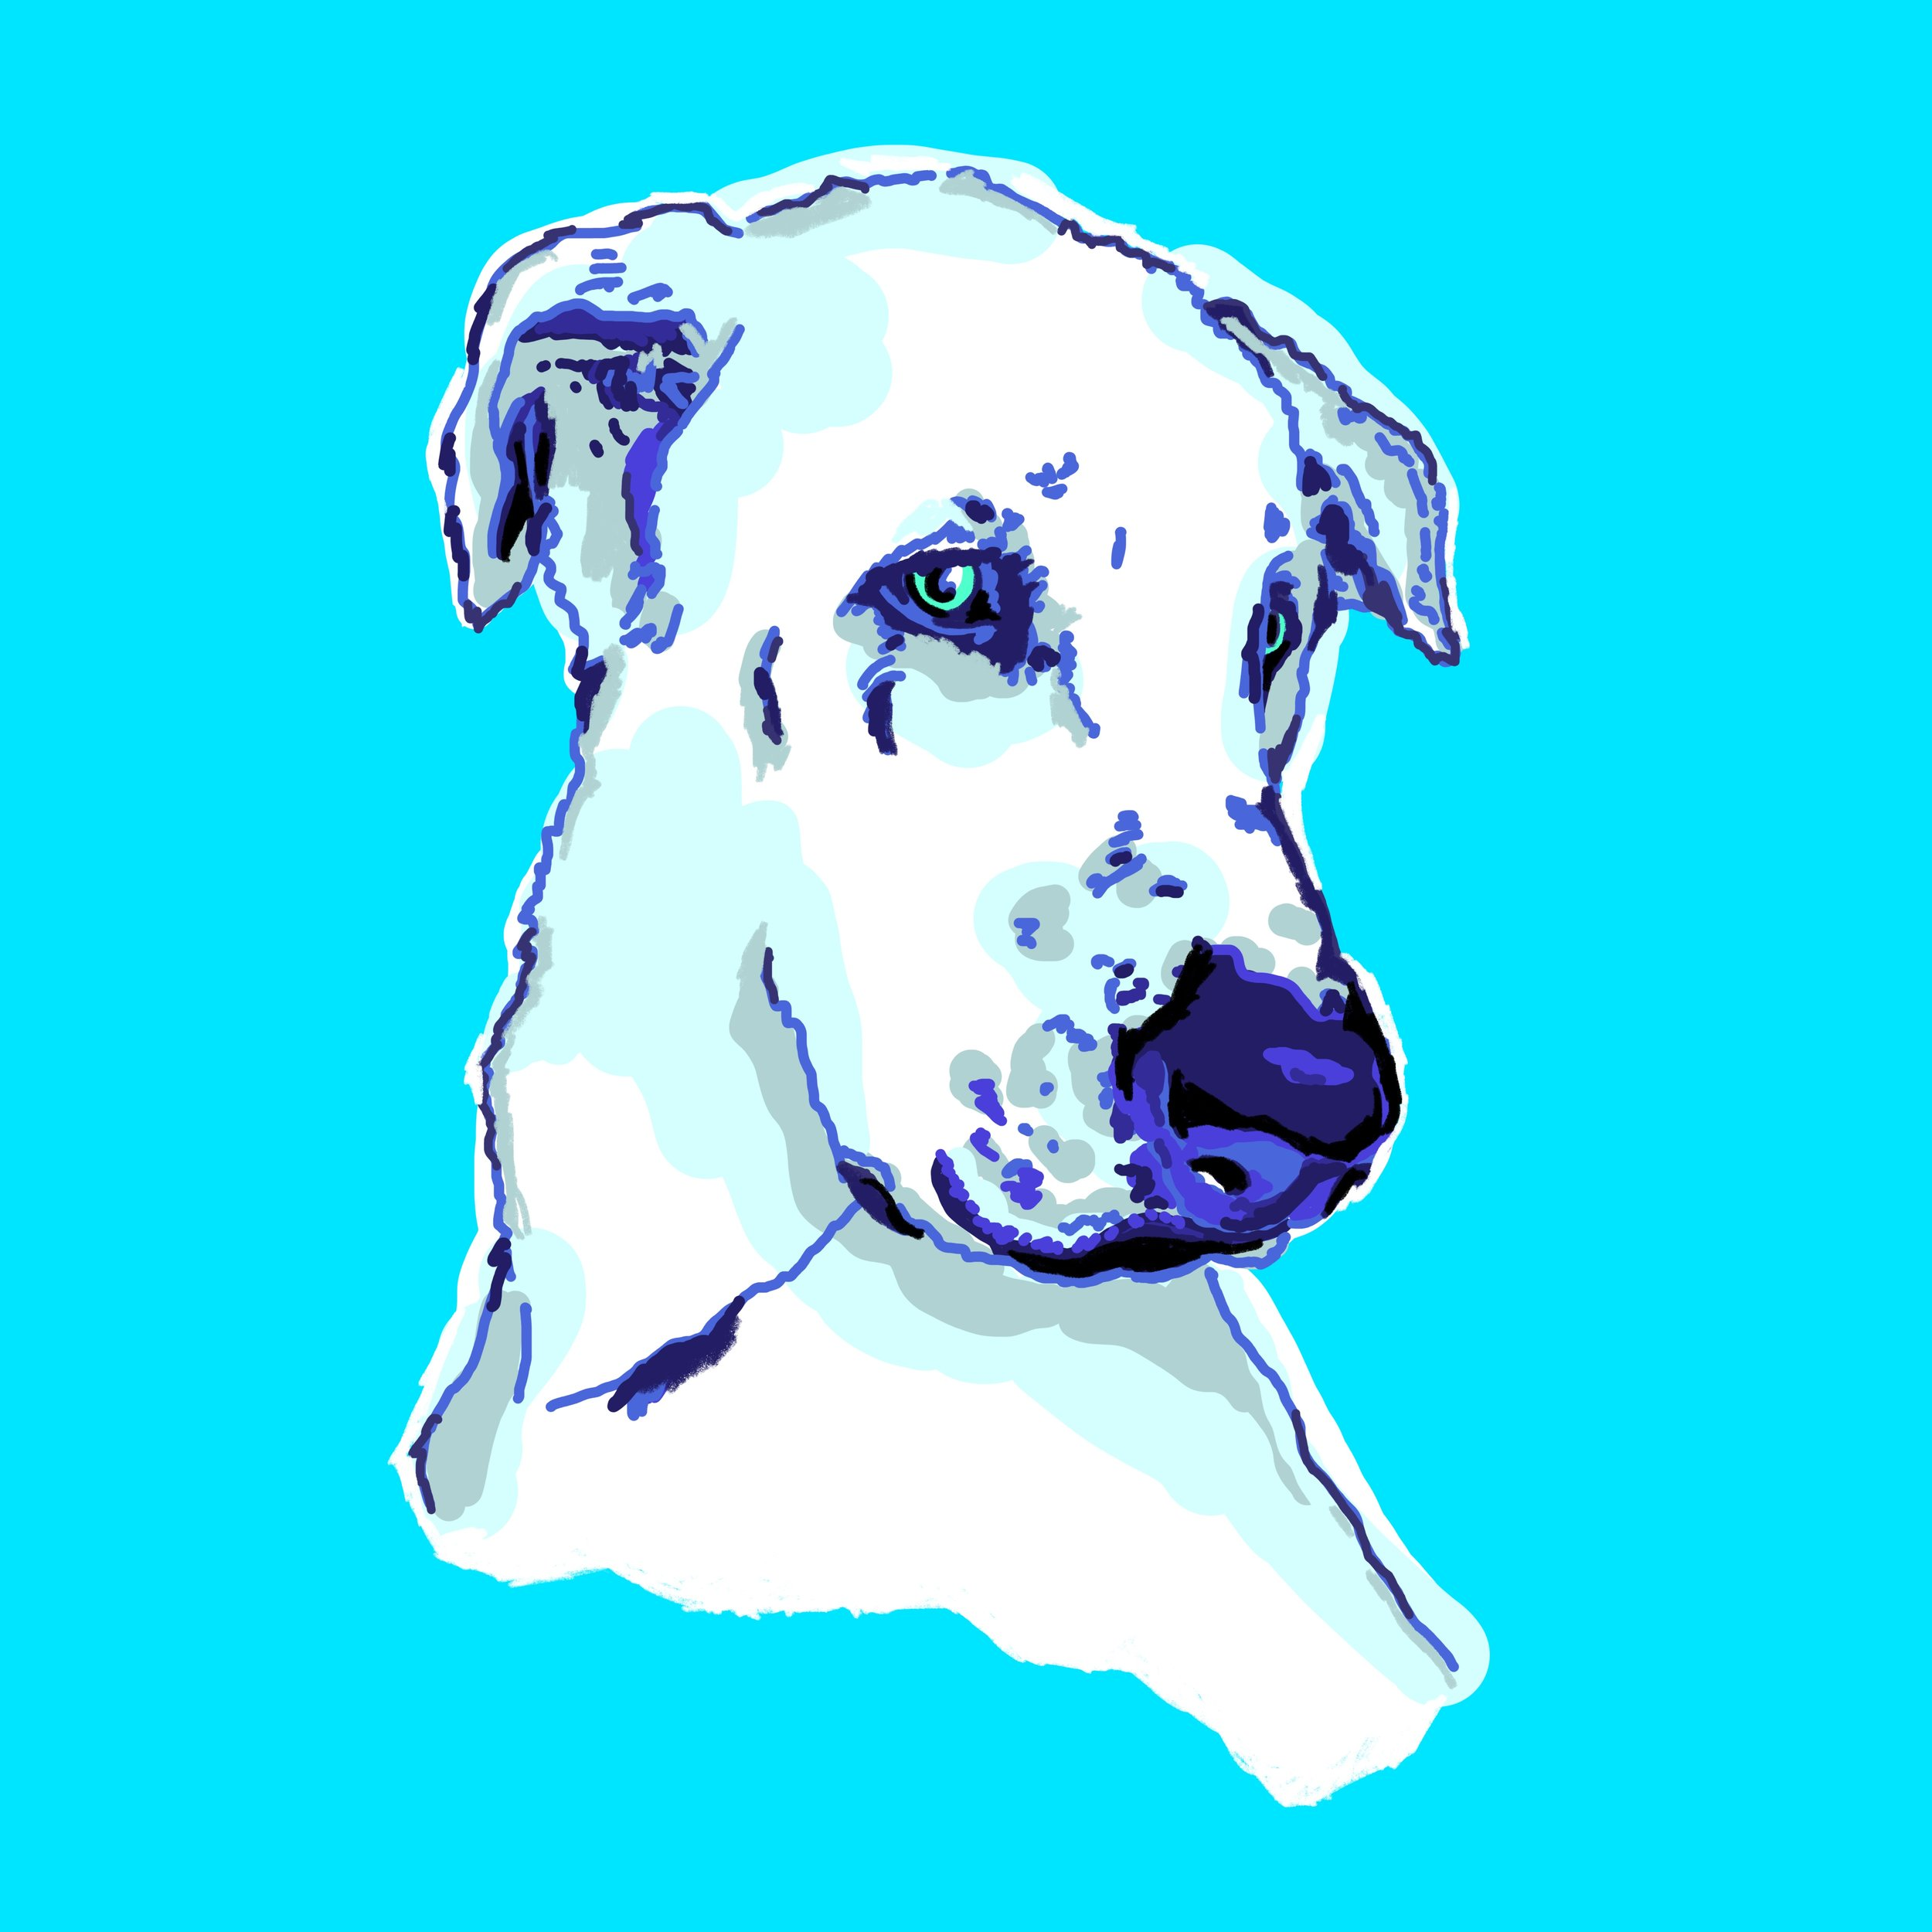 Ilustración_sin_título 2.jpg